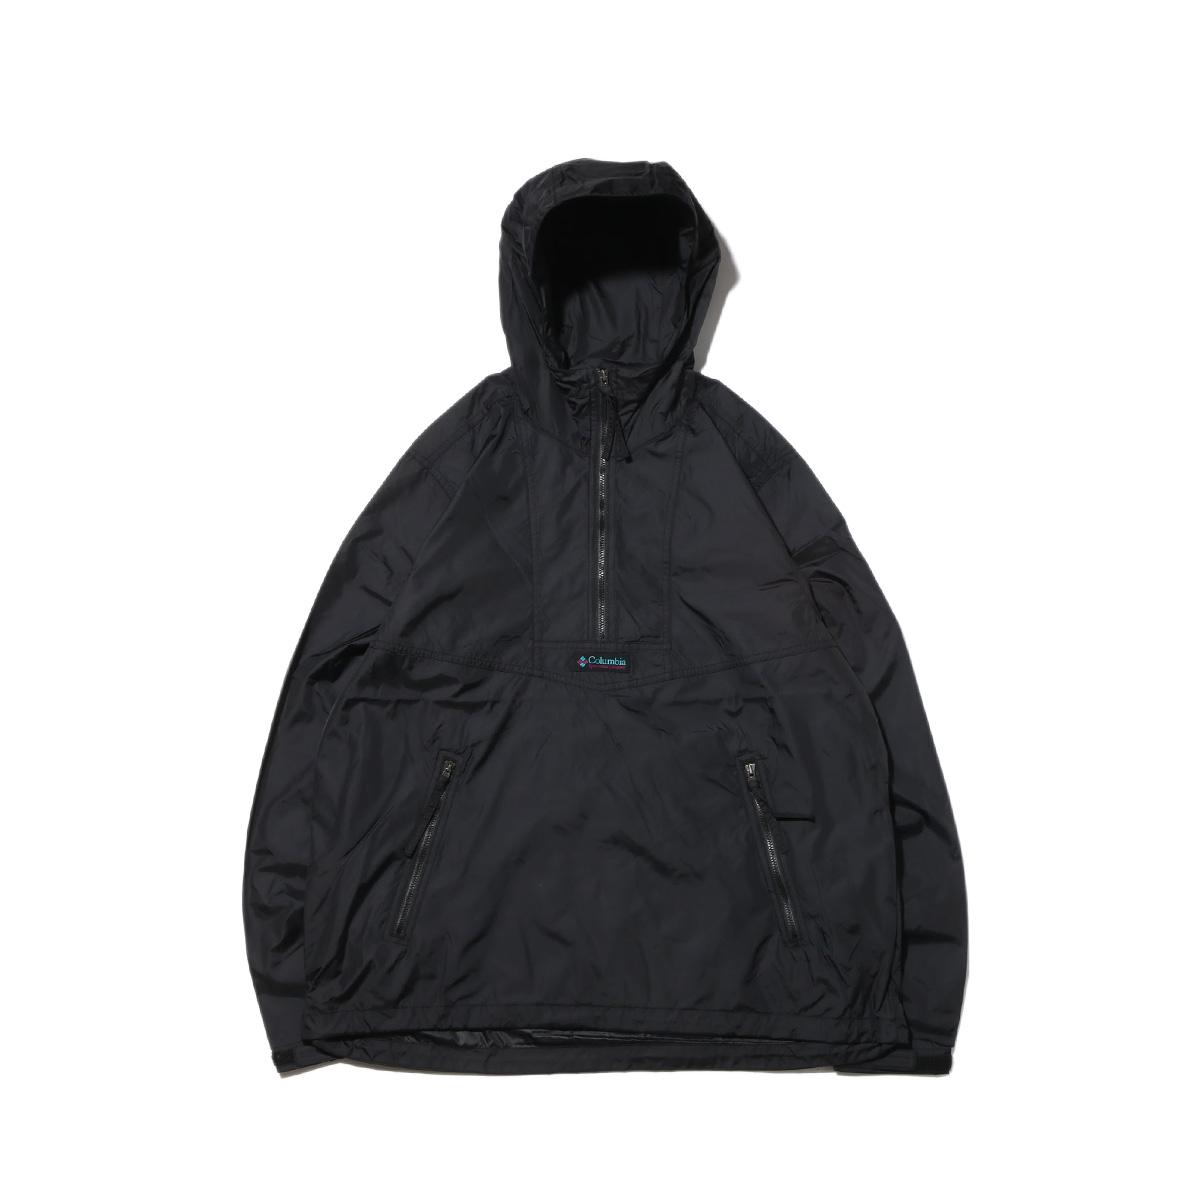 アットラストBLACK DENIM TROUSERS LAST/&CO 【中古】 パンツ ブラックデニムトラウザー AT Size-30ブランド古着大名店// 自社